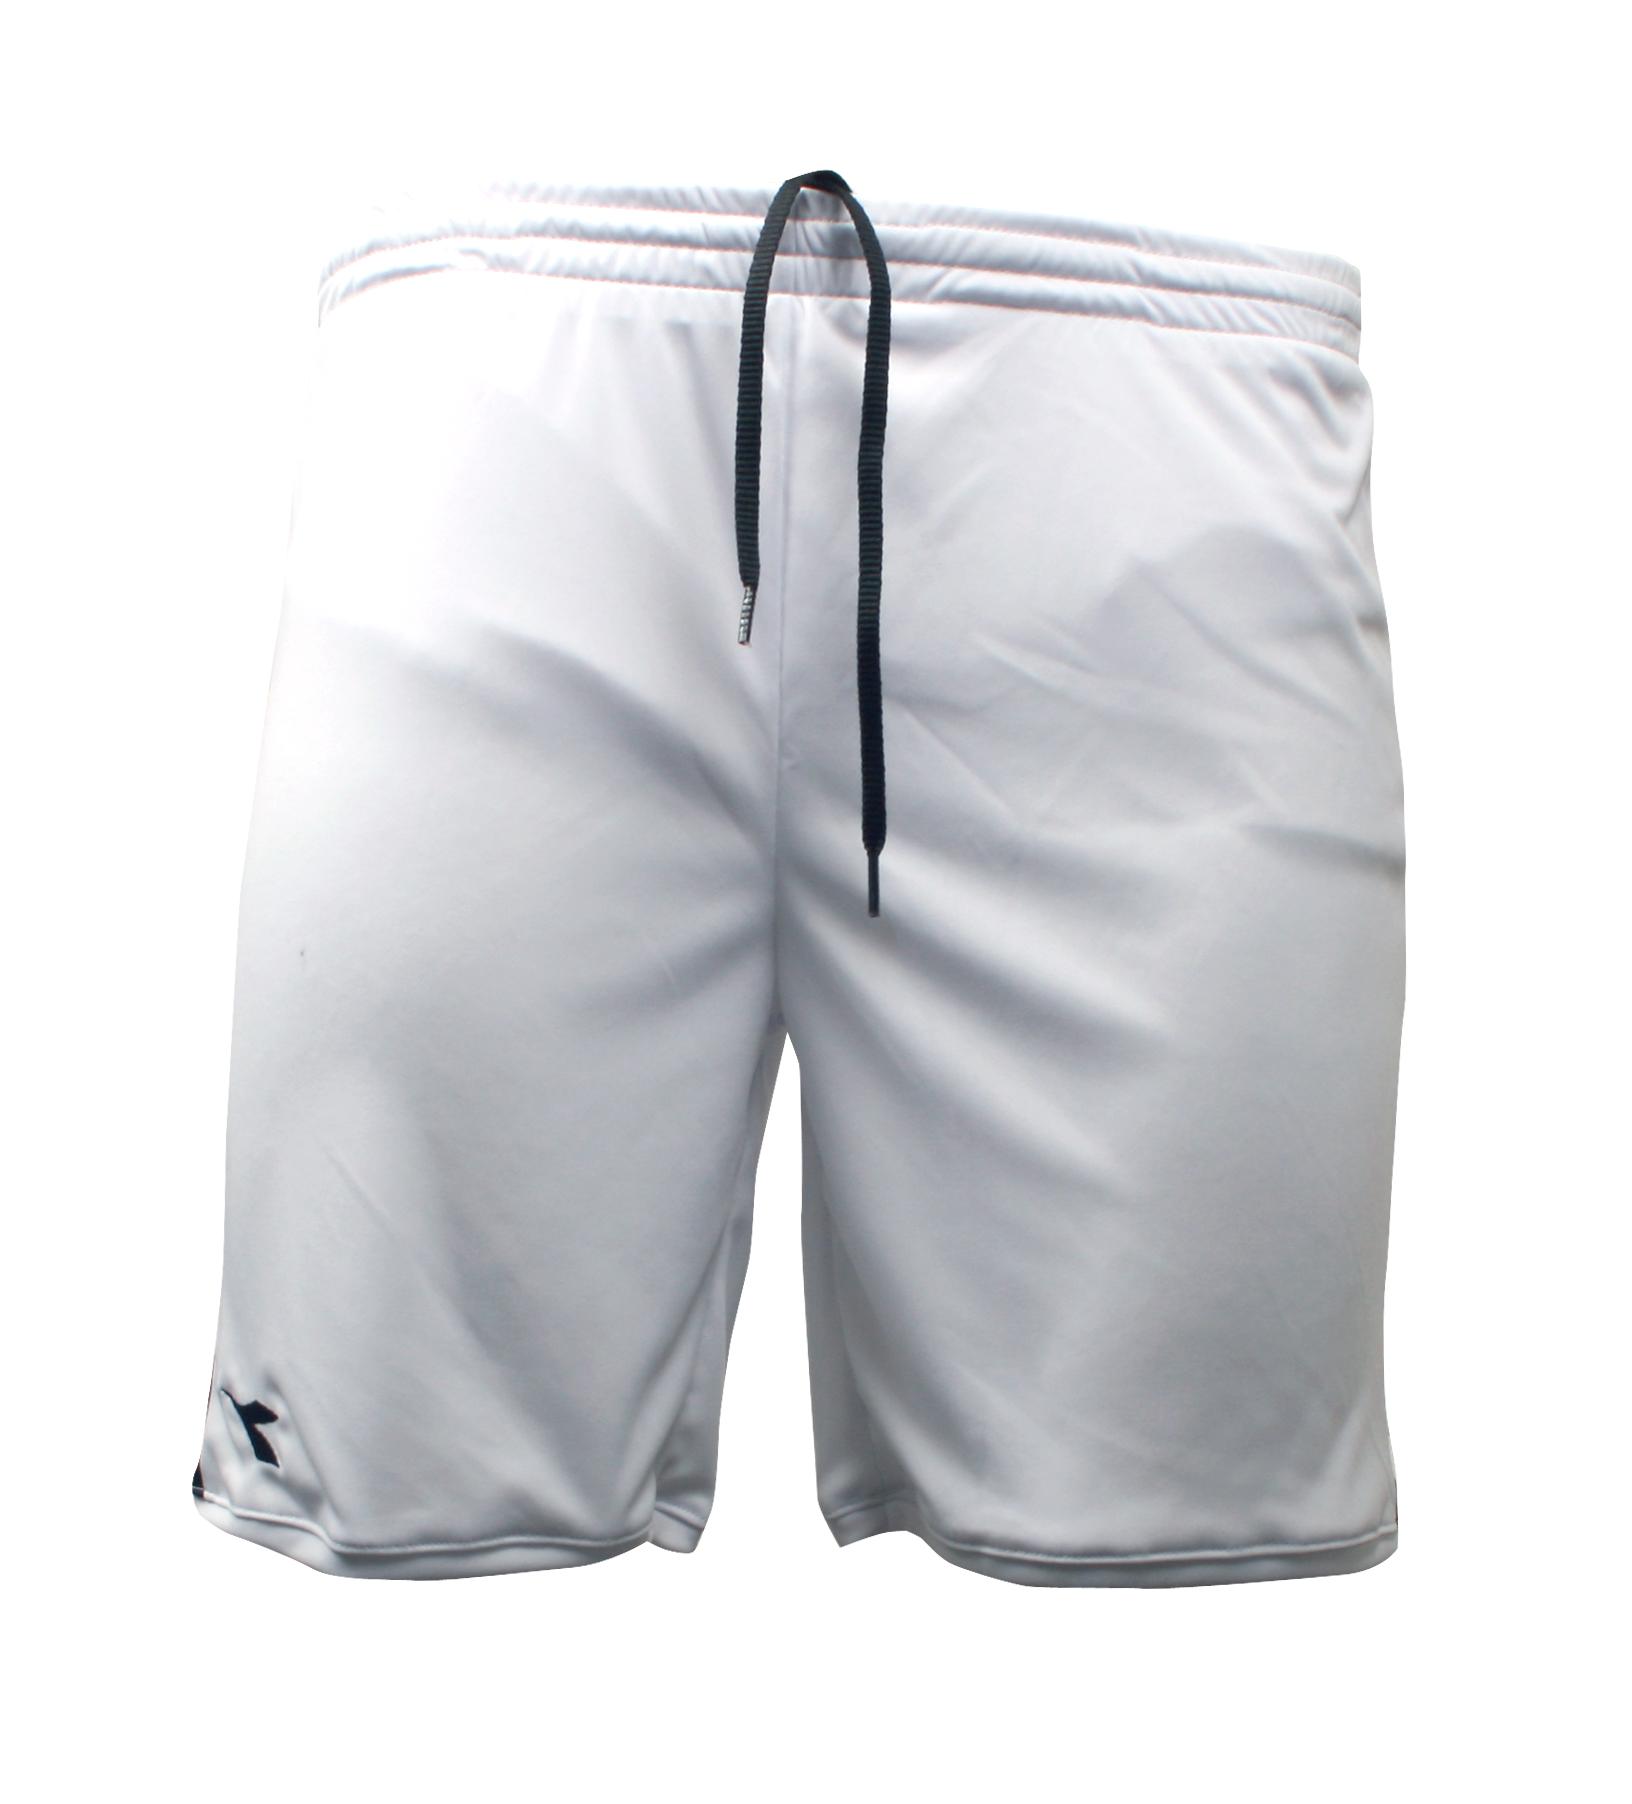 Shorts hvit SALG